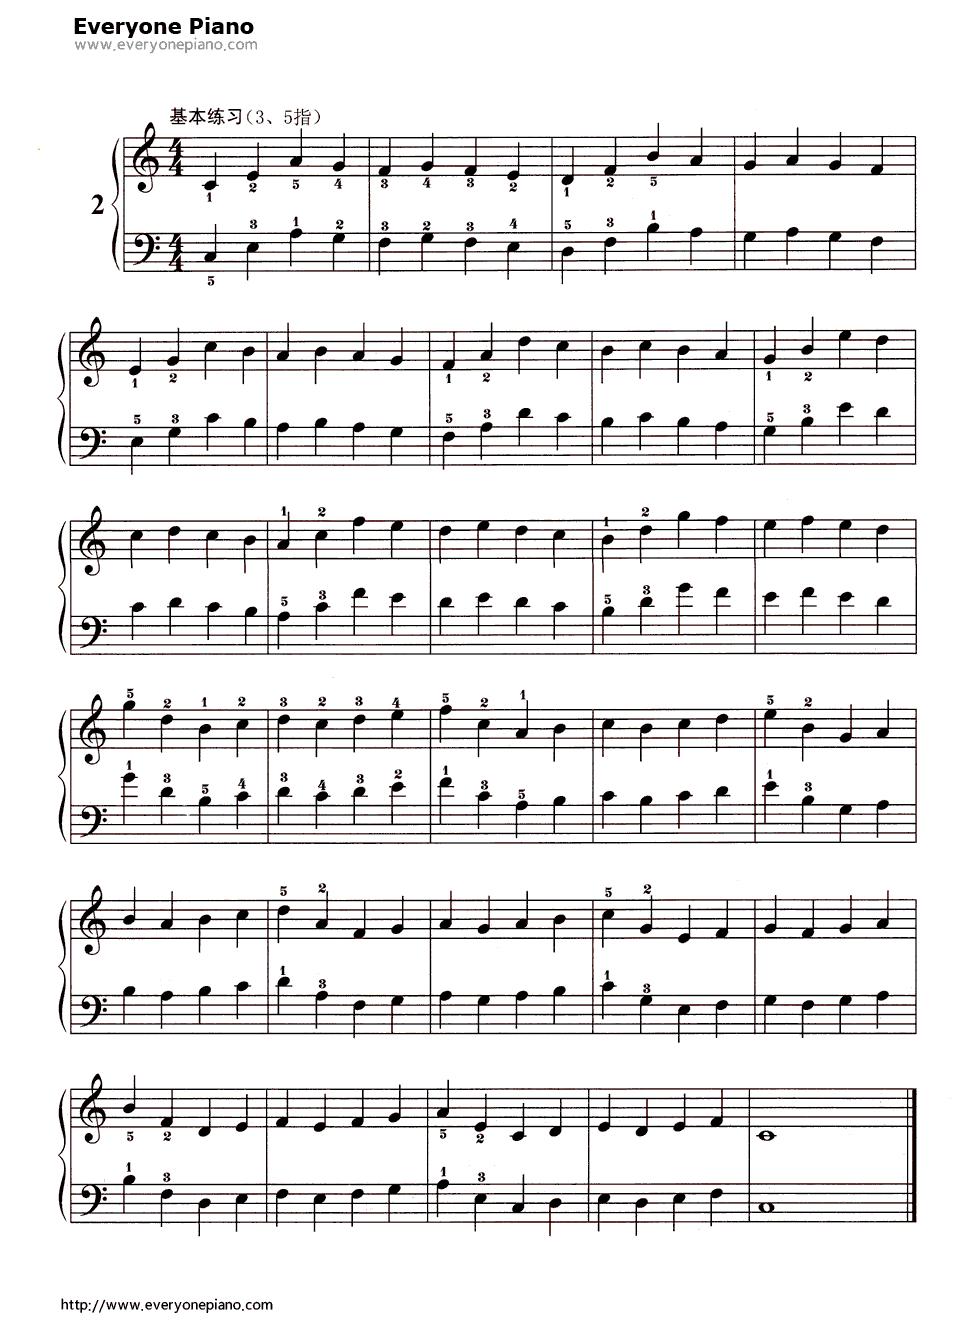 哈农基本练习2五线谱预览1-钢琴谱(五线谱,双手简谱)